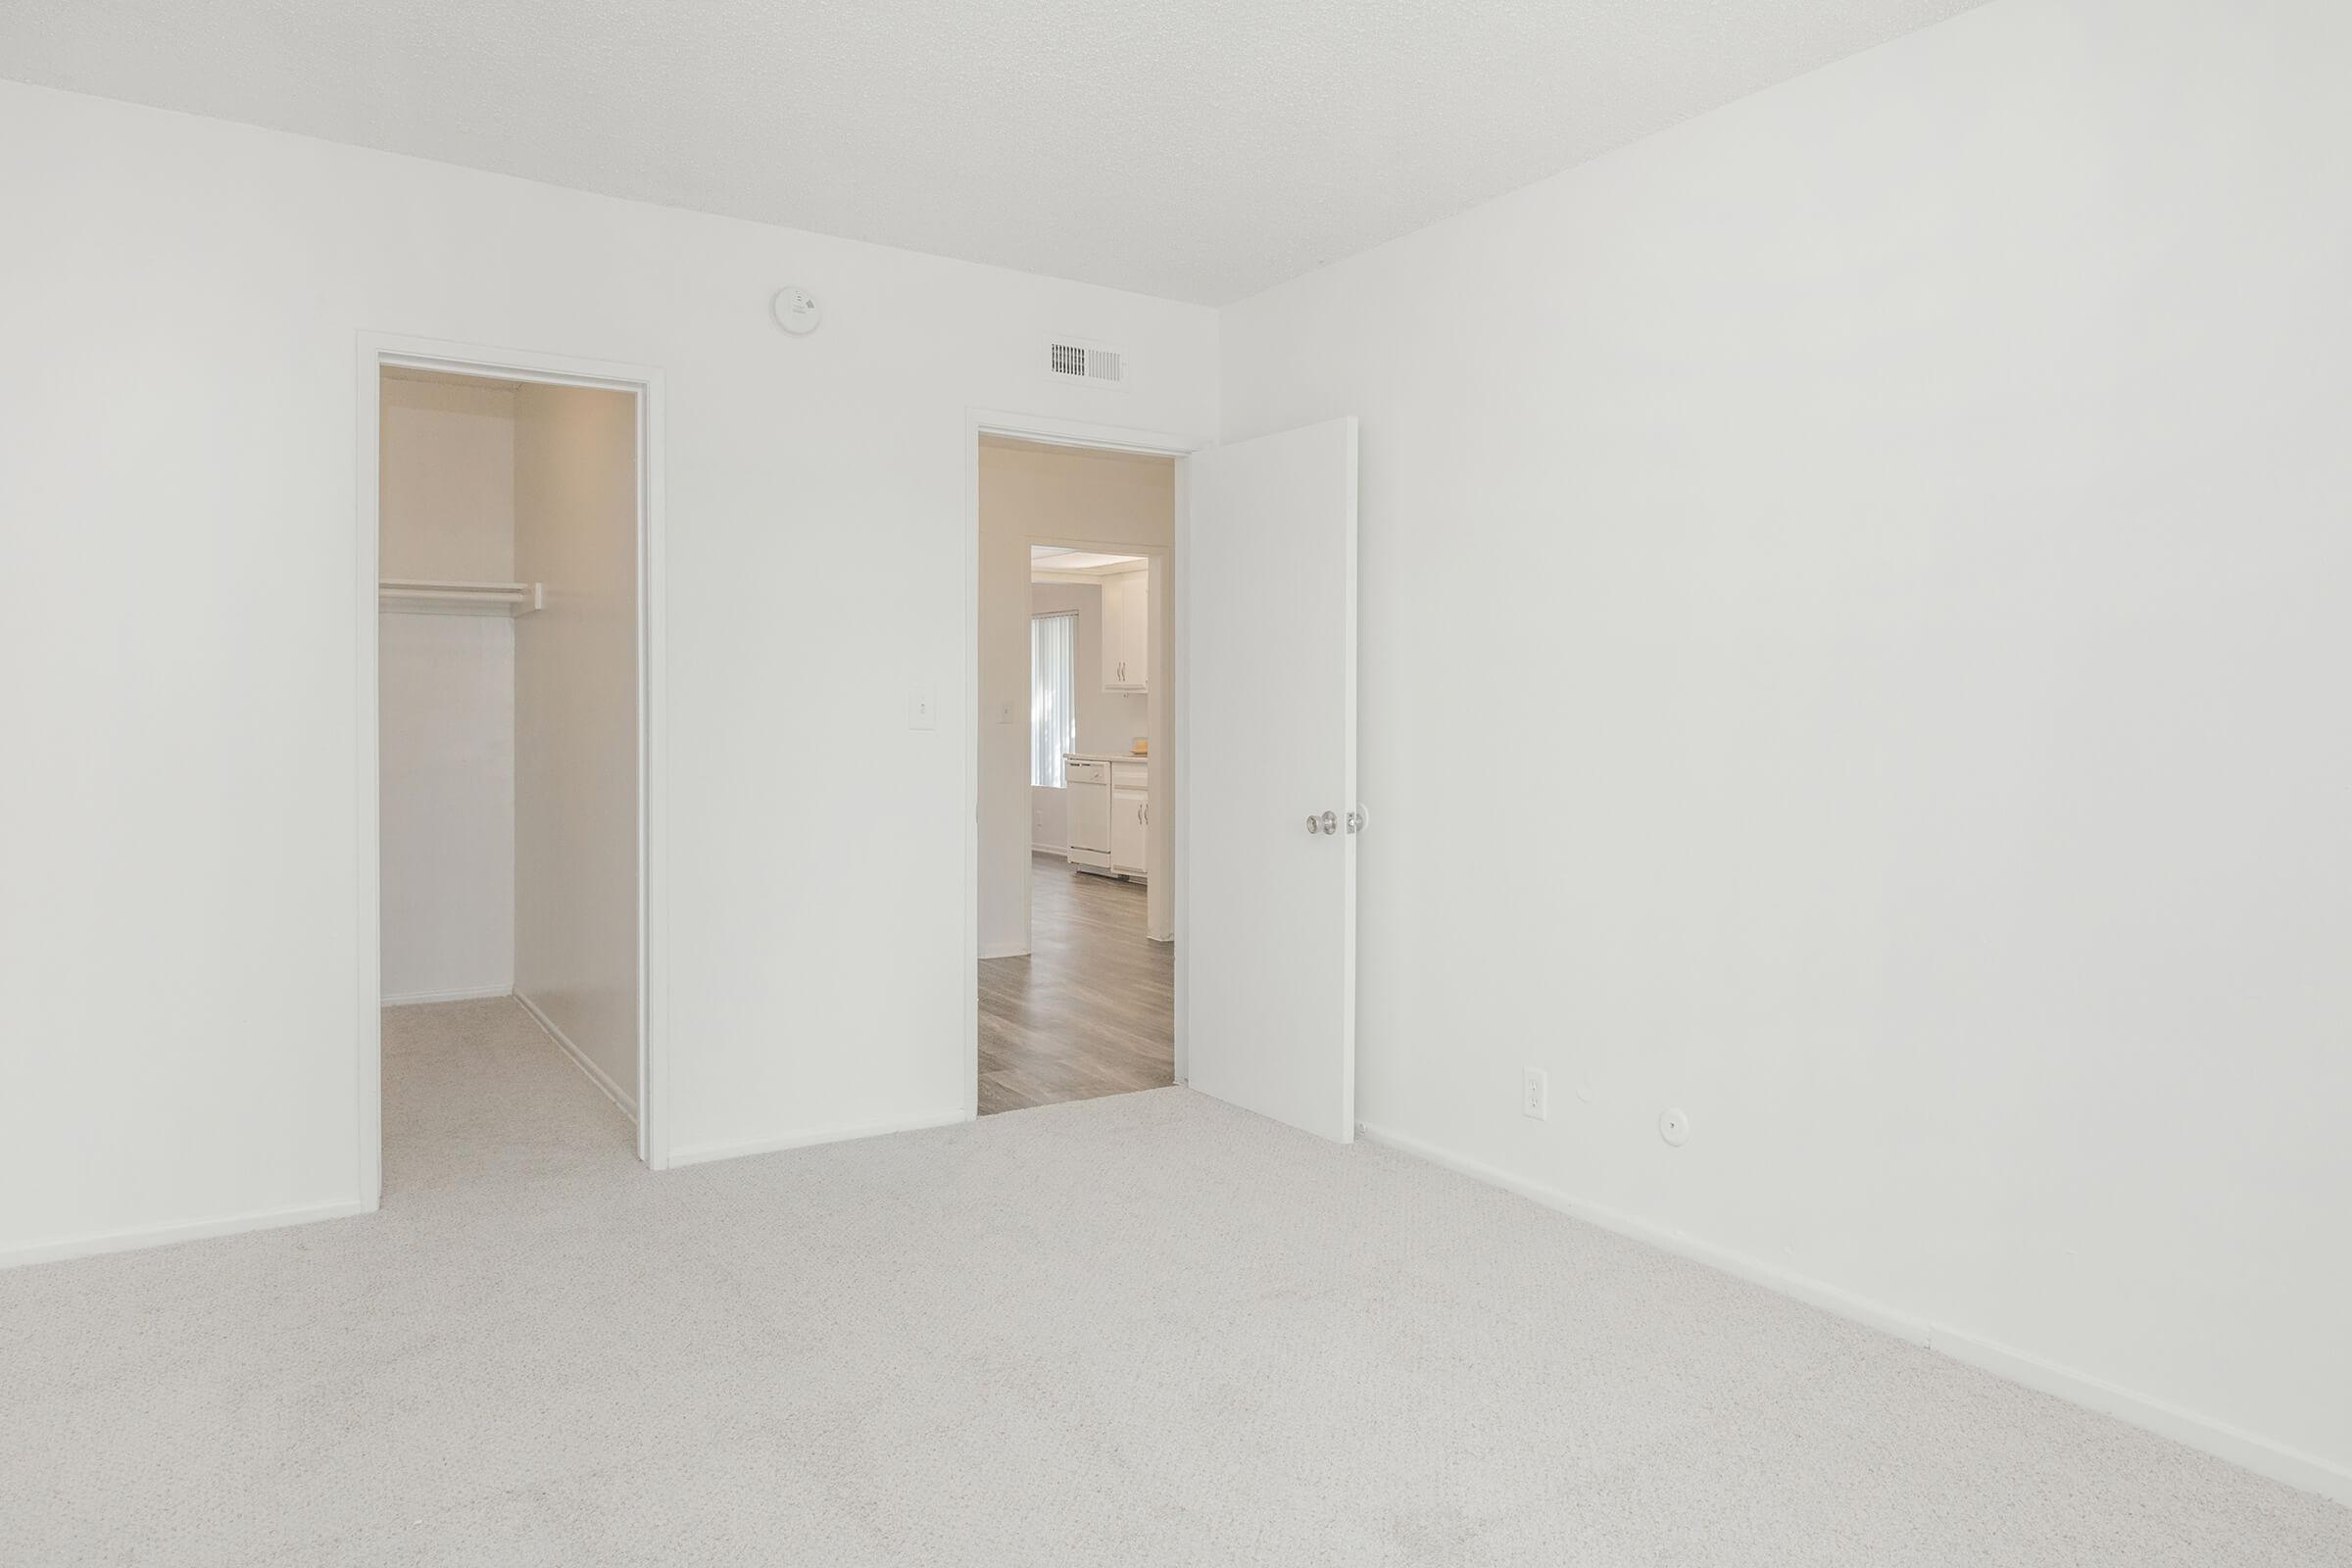 Bedroom with open walk-in closet door